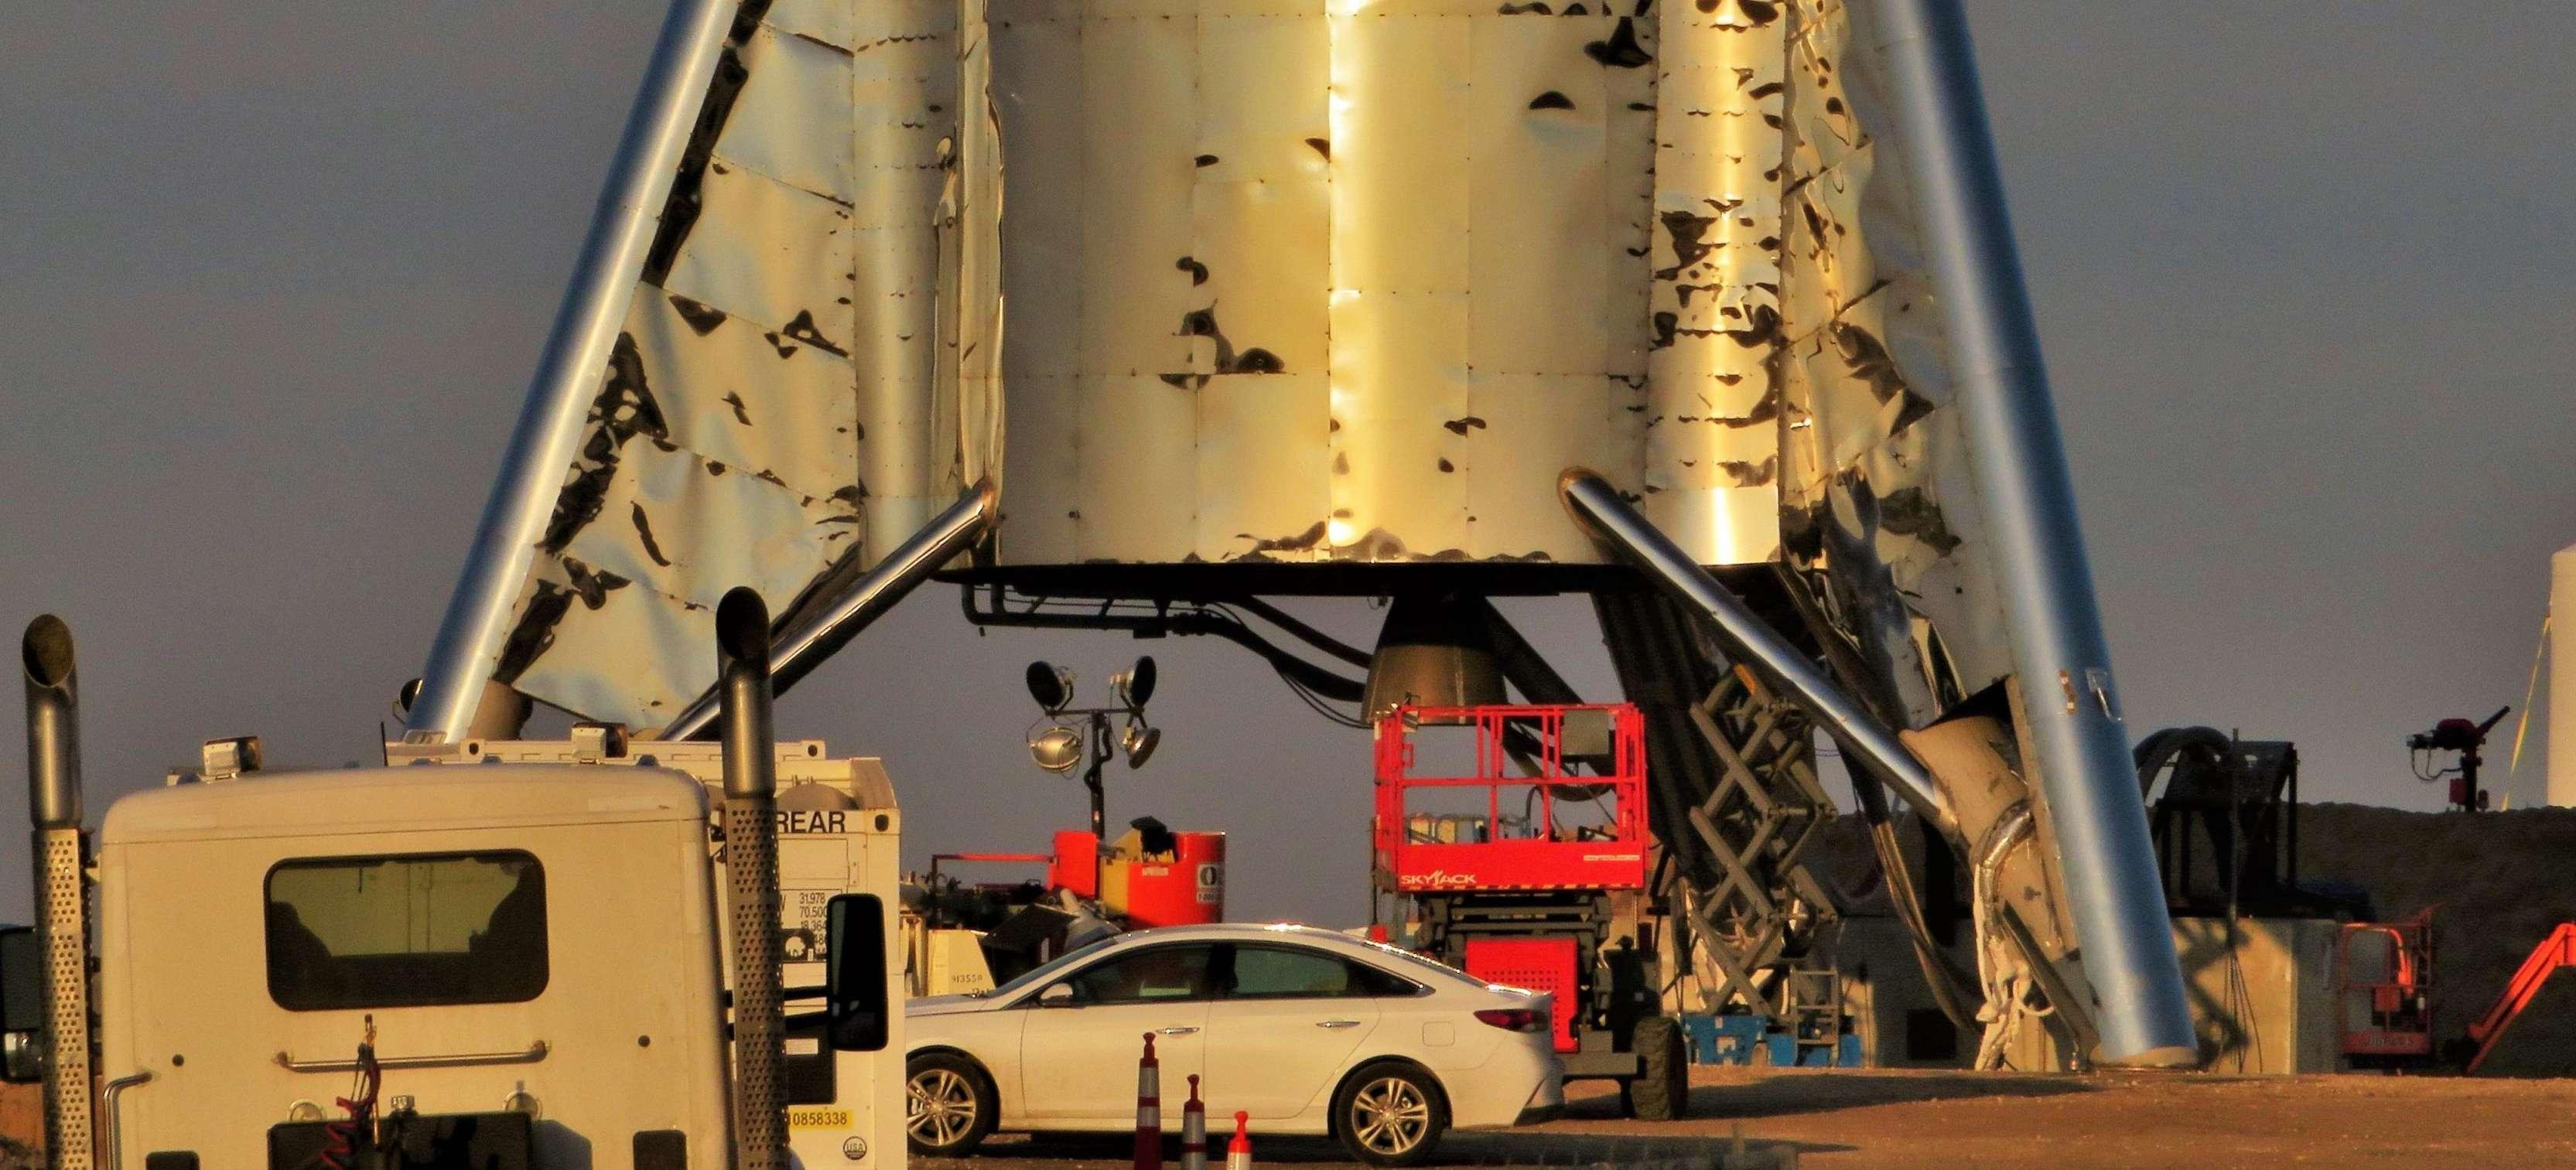 Boca Chica Starhopper progress 032719 (NASASpaceflight – bocachicagal) 1 crop 2 (c)